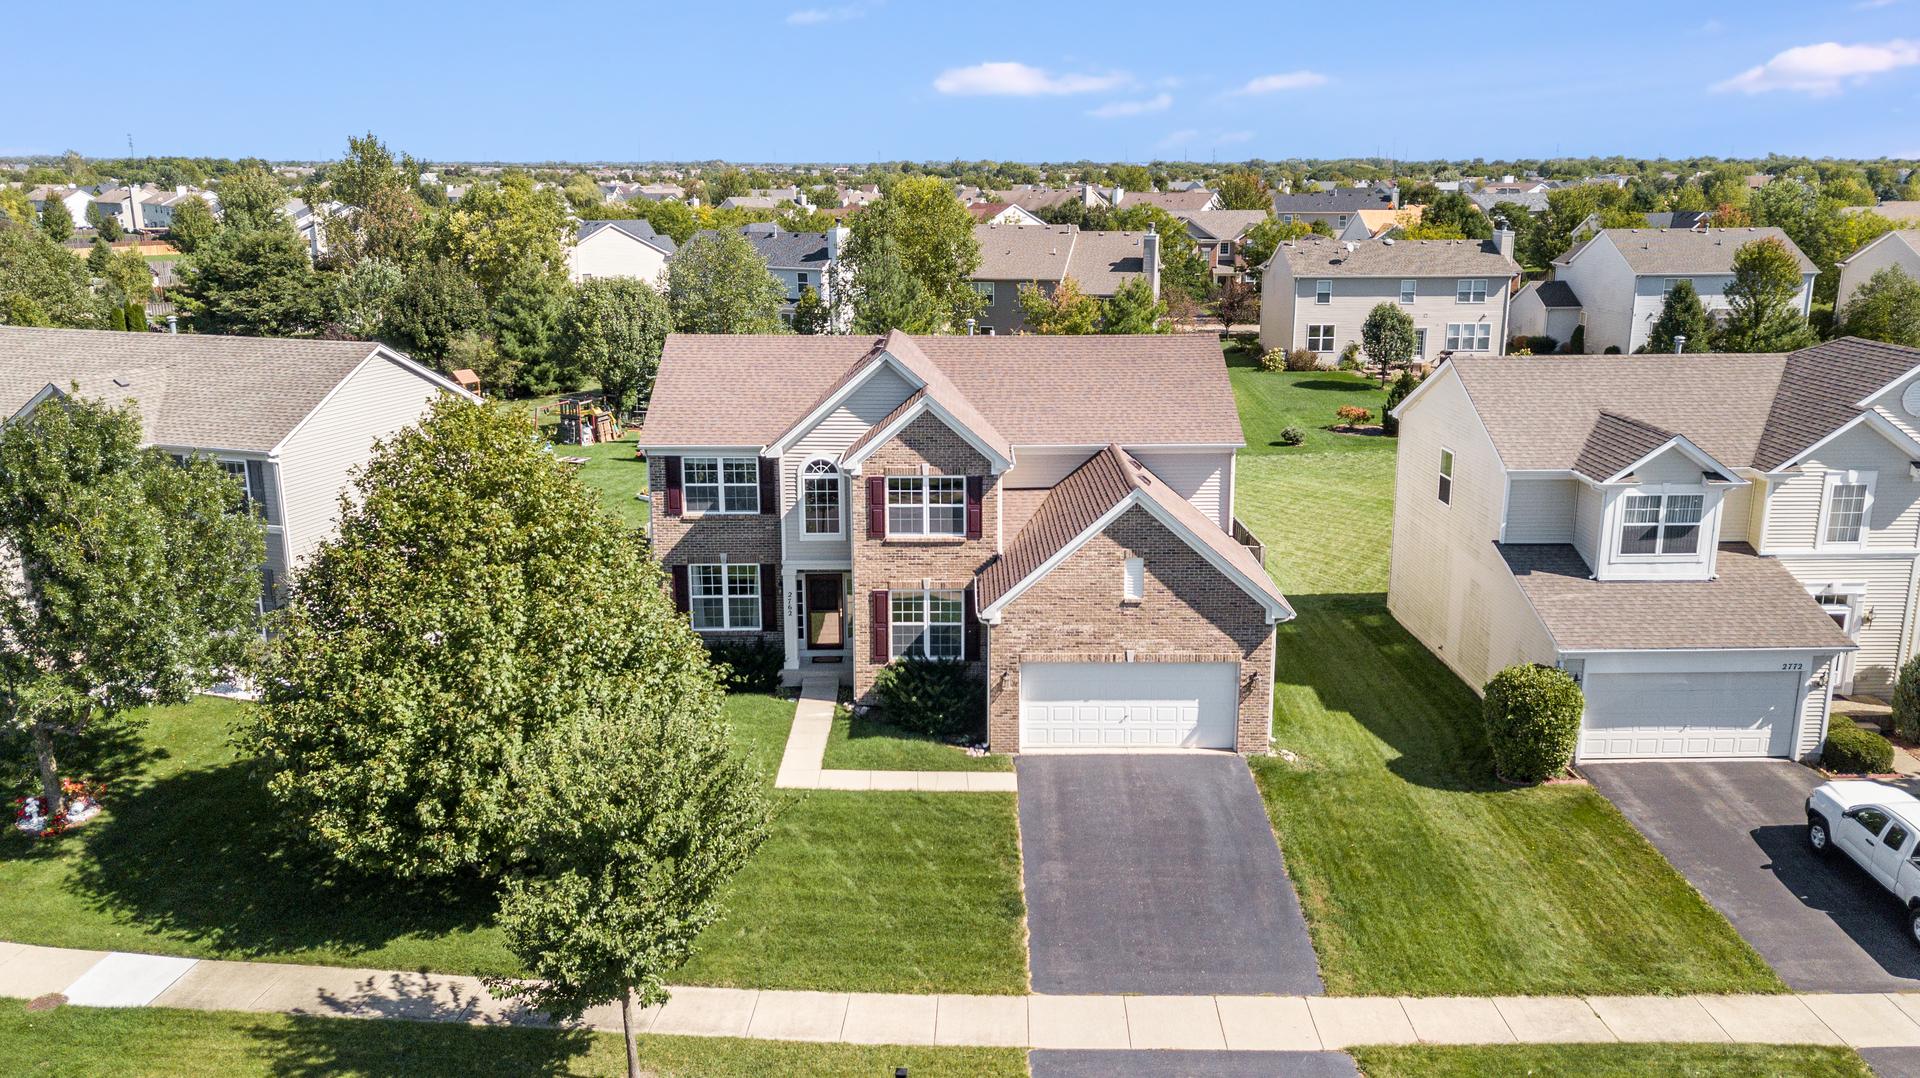 2762 Lundquist, Aurora, Illinois, 60503